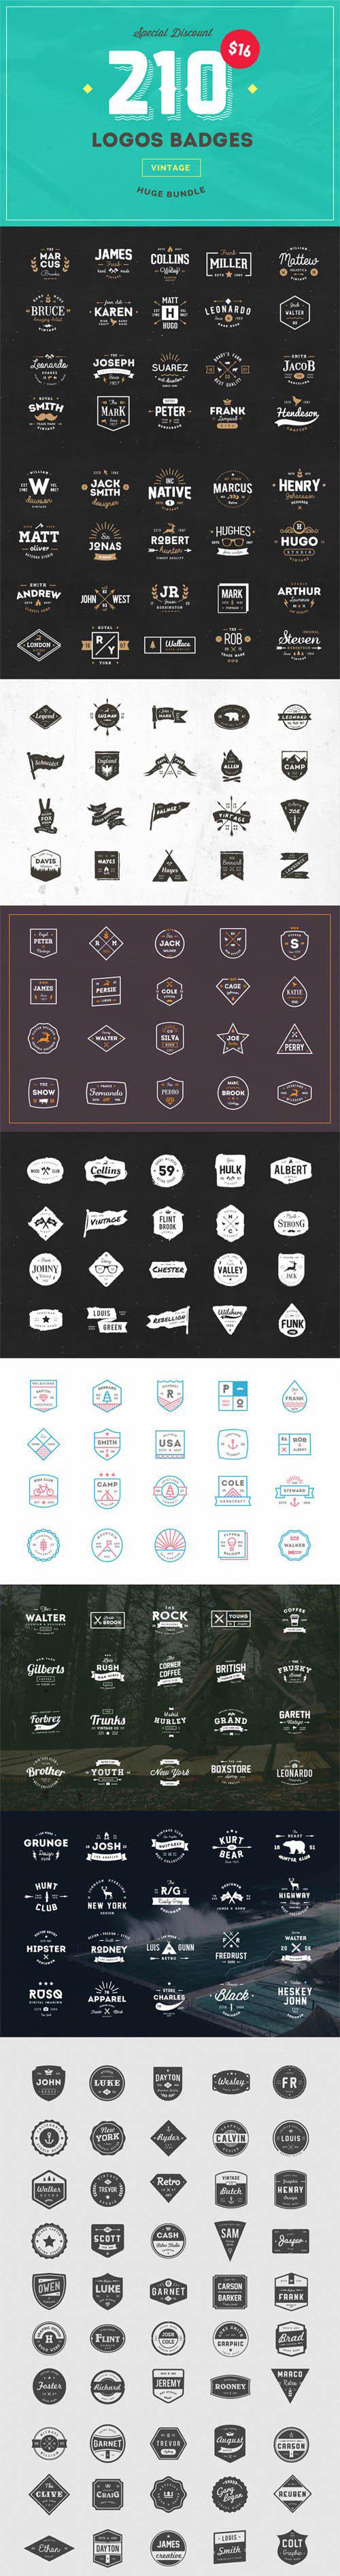 Logo Badge Template, badge, badges, logo, beer, bundle, classic, coffee logo, emblem, emblem logo, grunge, hipster, insignia, label, labels, logo, modern, mountain logo, old school, premium, retro, retro design, stamps, sticker, typography, vintage, vintage elements, vintage logo, web